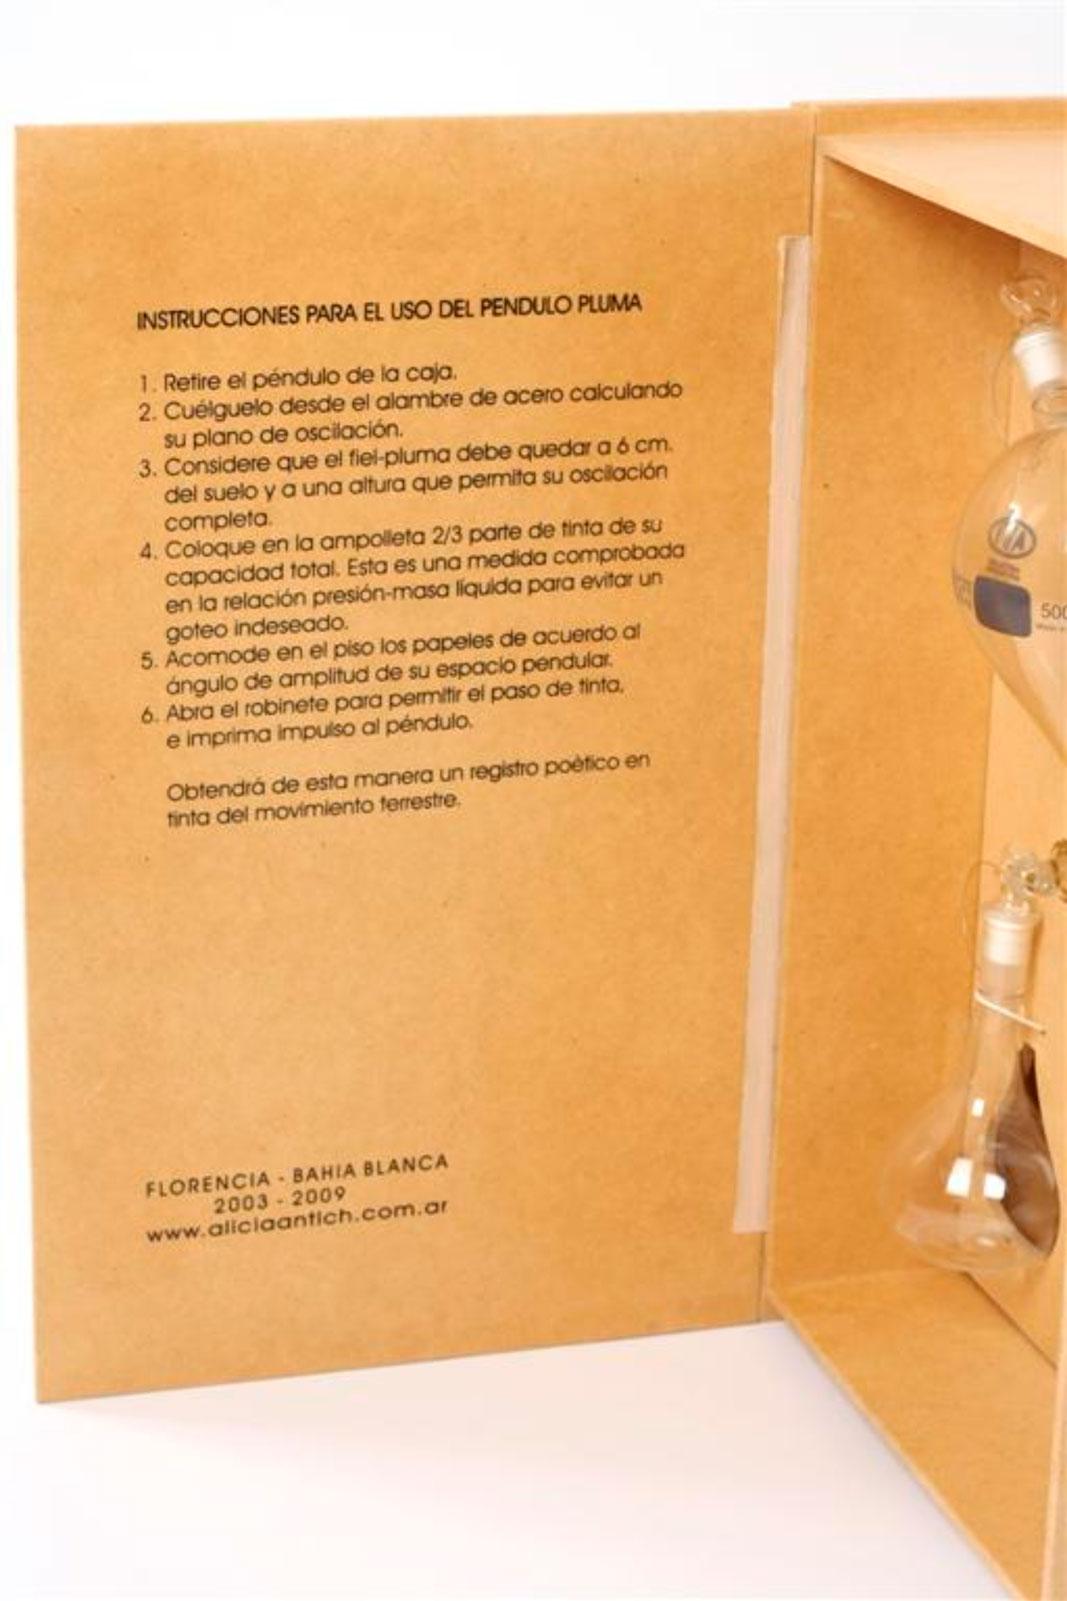 El-Pendulo-Pluma-version-biblioteca-I.-Galileo-en-Roma-(detalle)